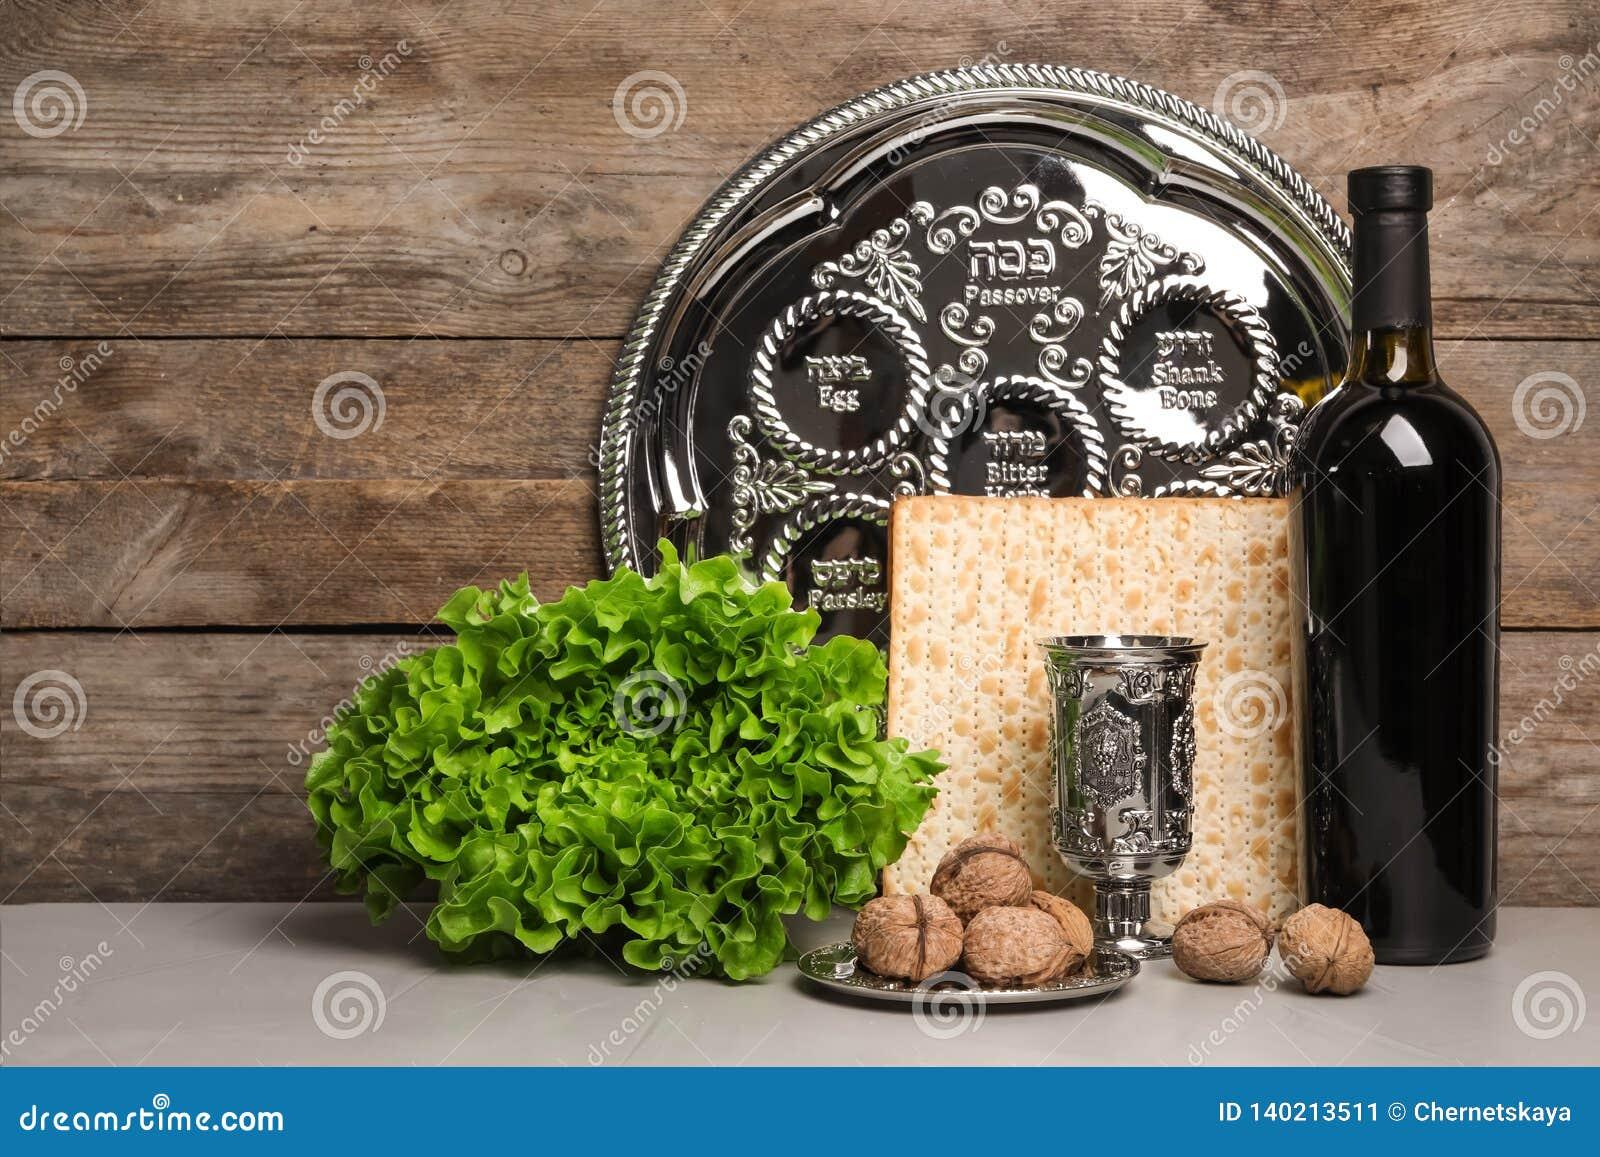 Artículos simbólicos de Pesach de la pascua judía en la tabla contra fondo de madera